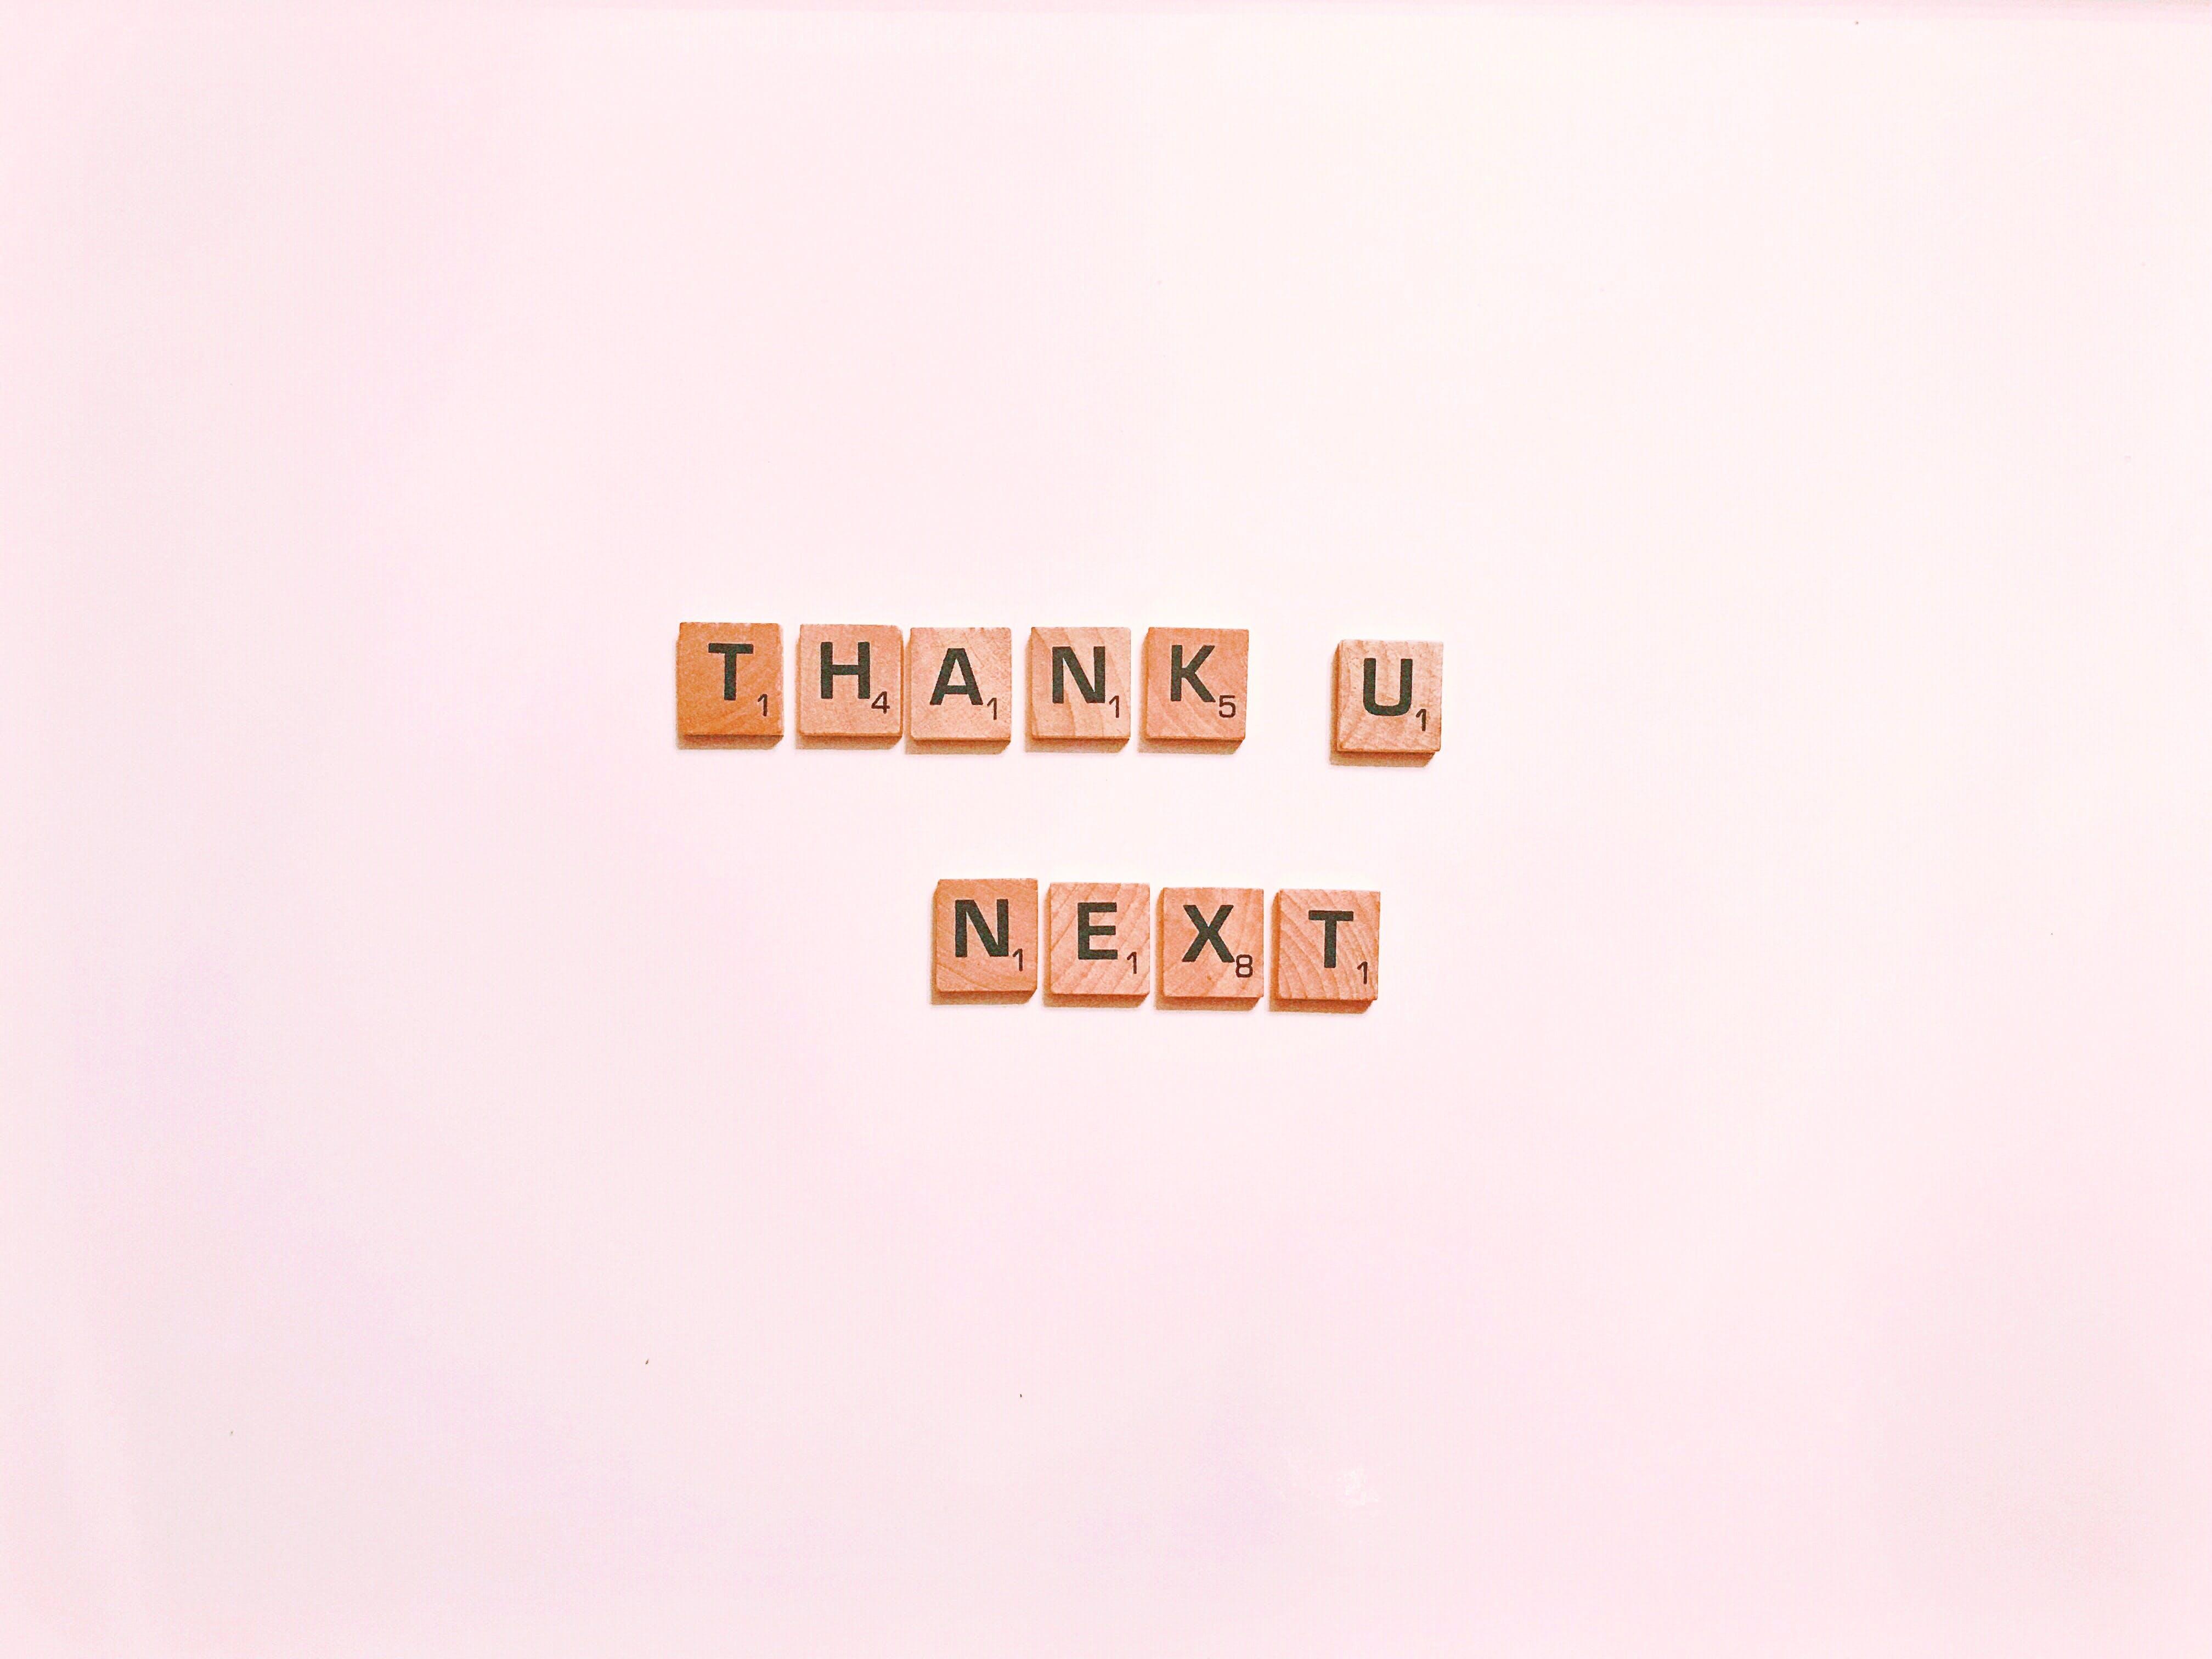 Scrabble Letters Spelling Thank U Next